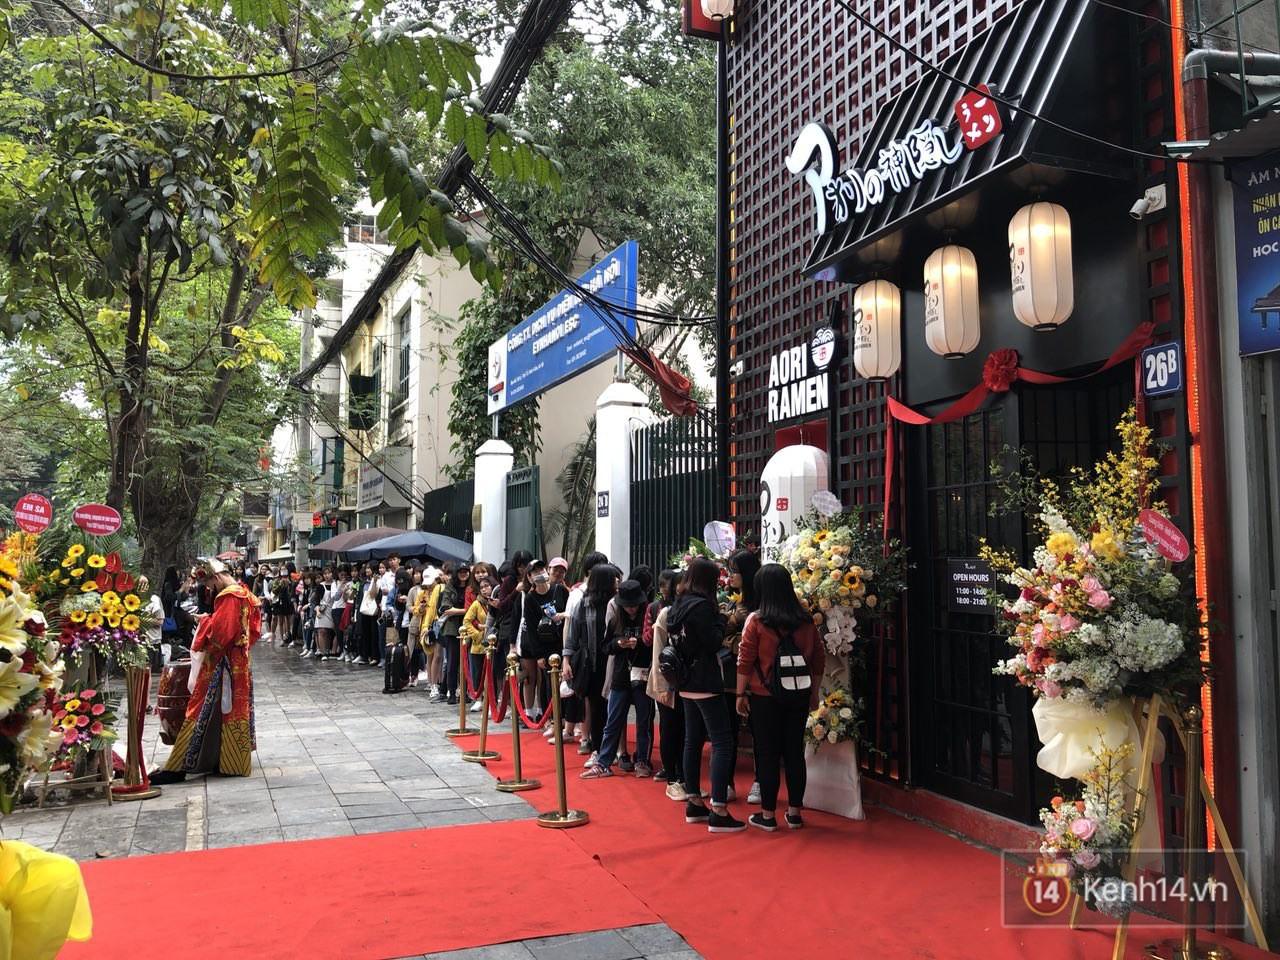 Cửa hàng mì của Seungri ngày khai trương ở Hà Nội: Khách đội mưa, xếp hàng ngoài cửa từ 6h sáng - Ảnh 4.